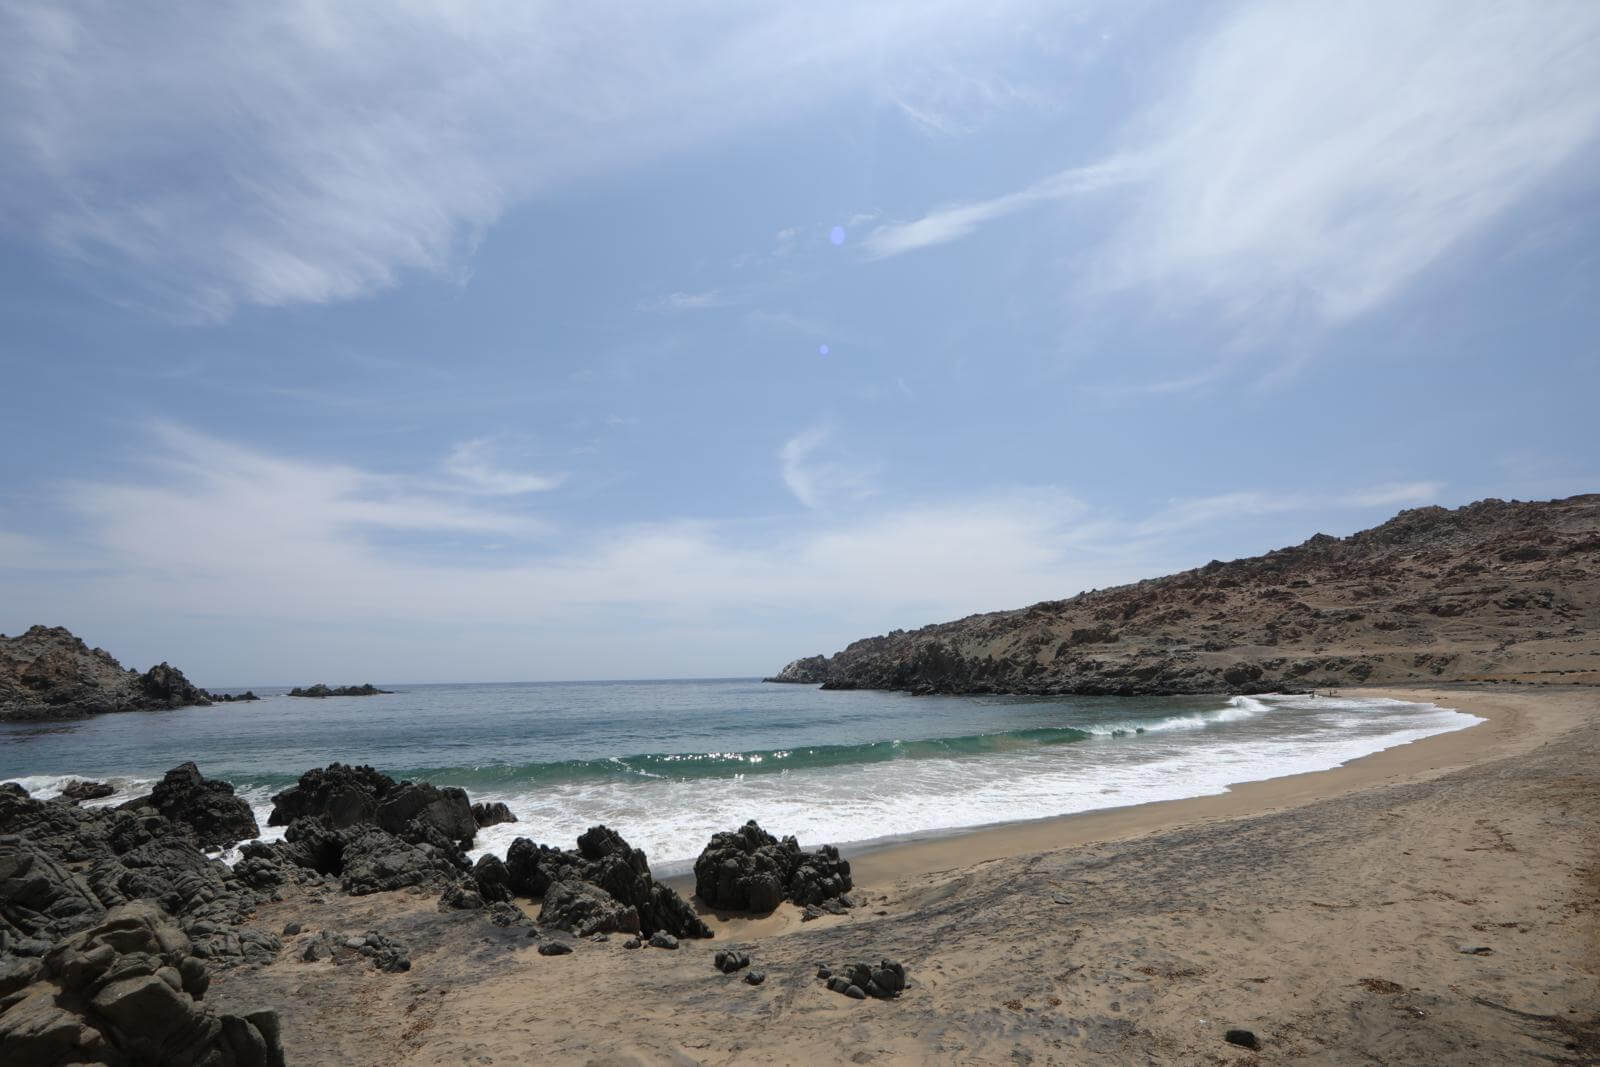 playa-caraveli-verano